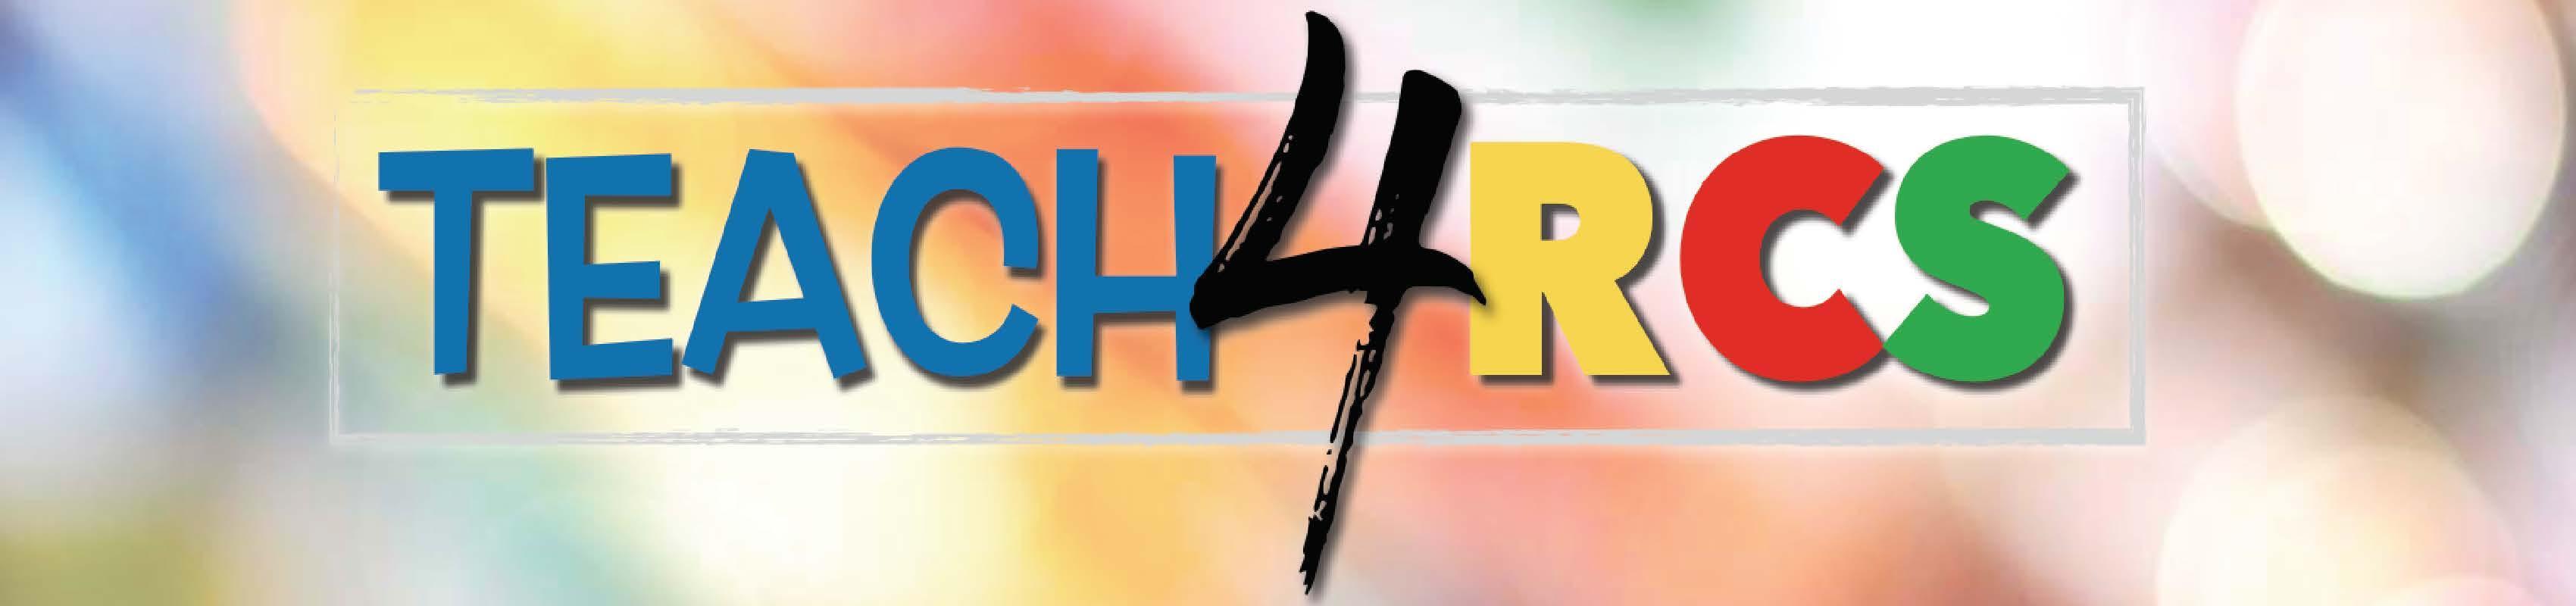 teach4rcs